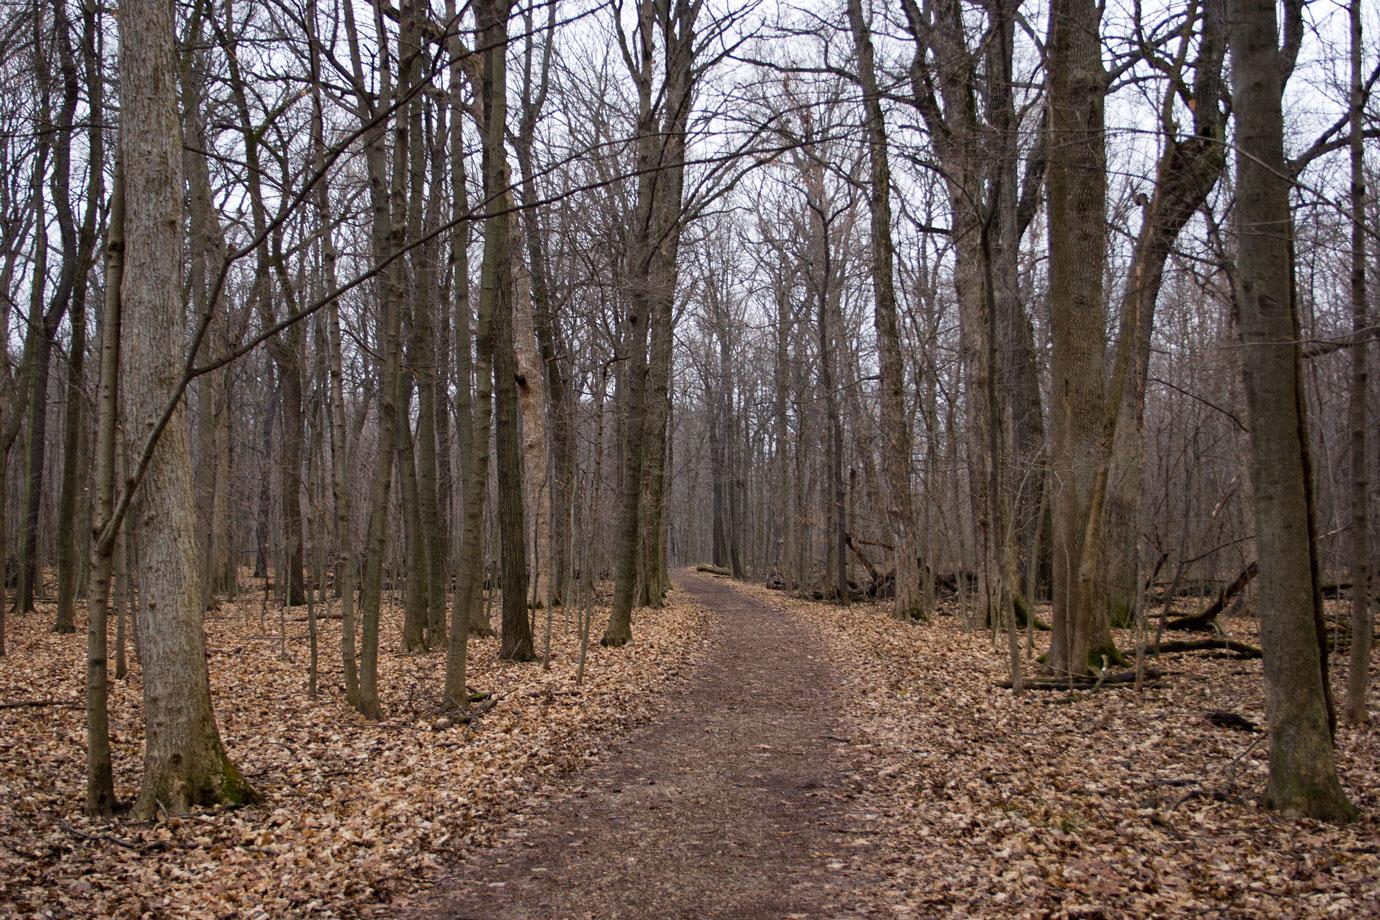 Ryerson Woods